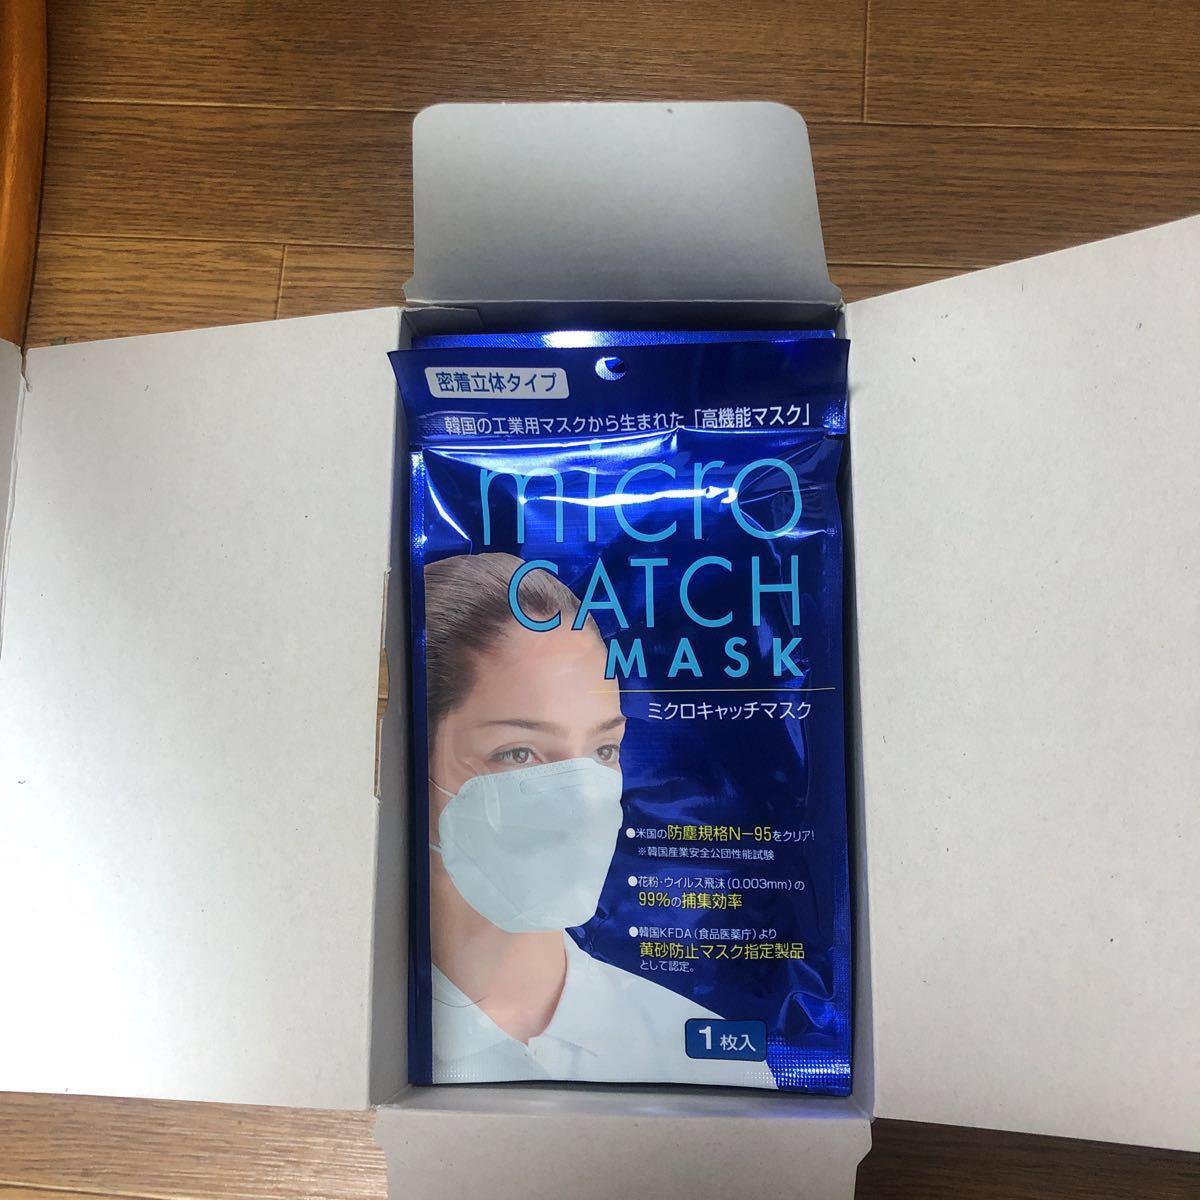 ミクロキャッチマスク マスク 100枚セット 使い捨てマスク